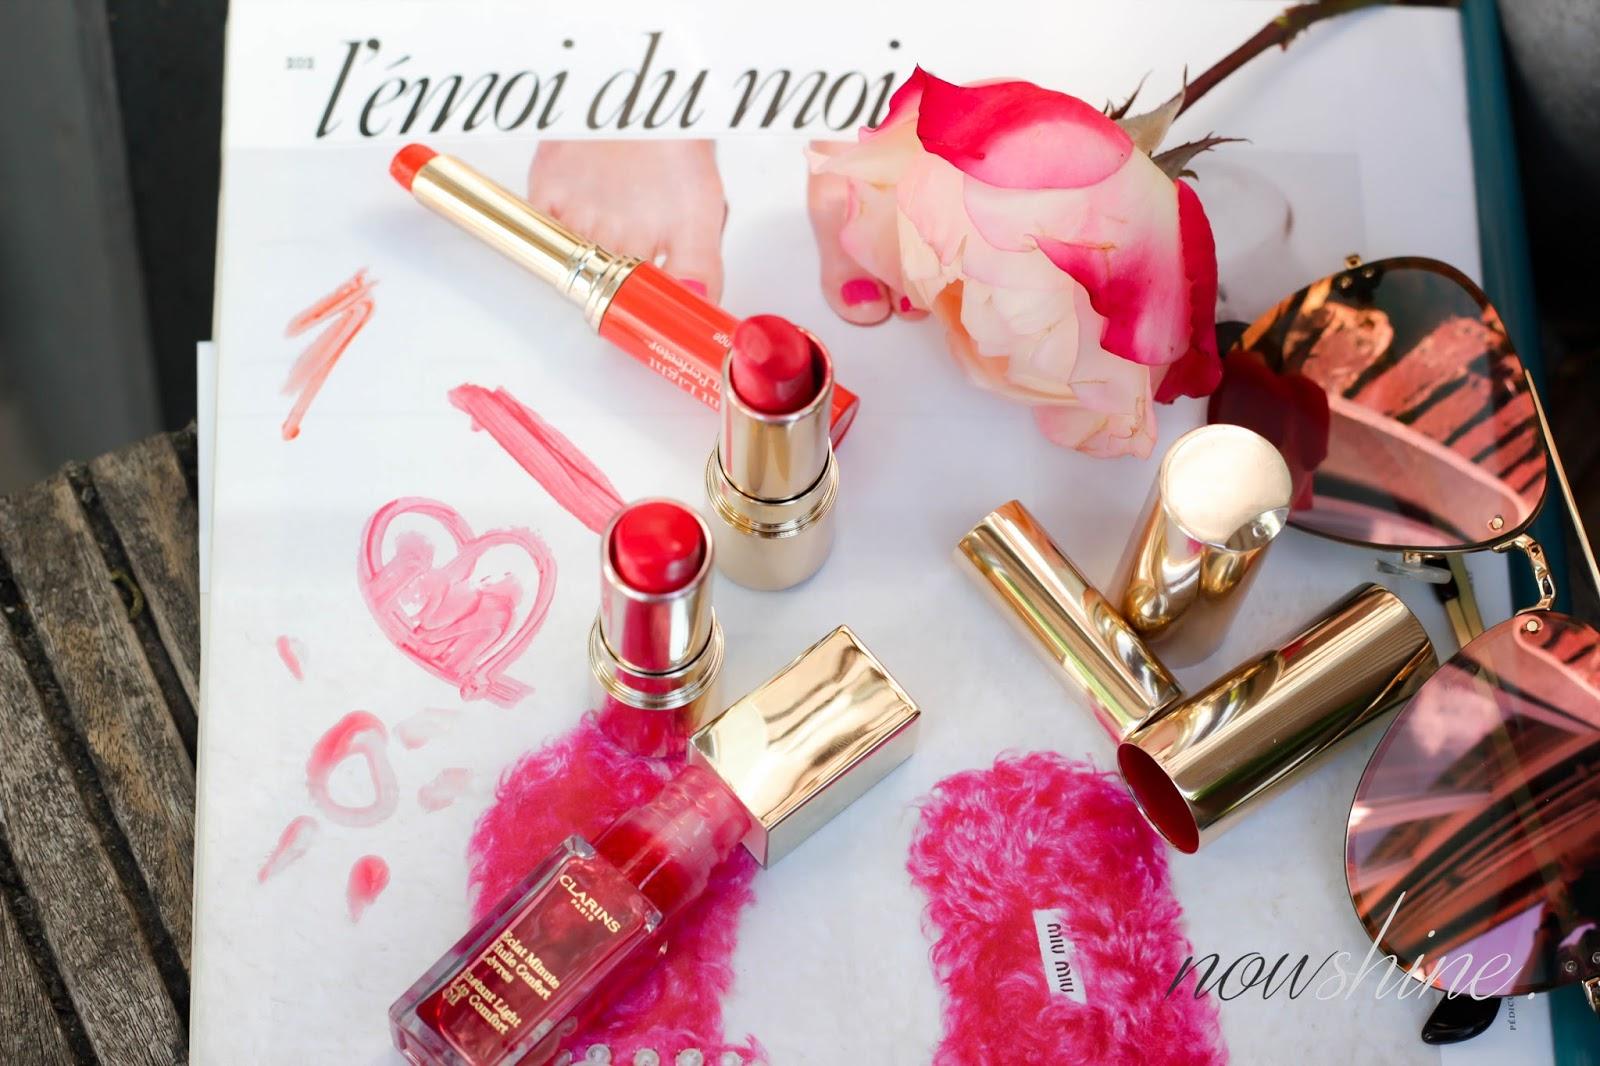 Sommer Lippenstifte von Clarins Beauty Blog über 40